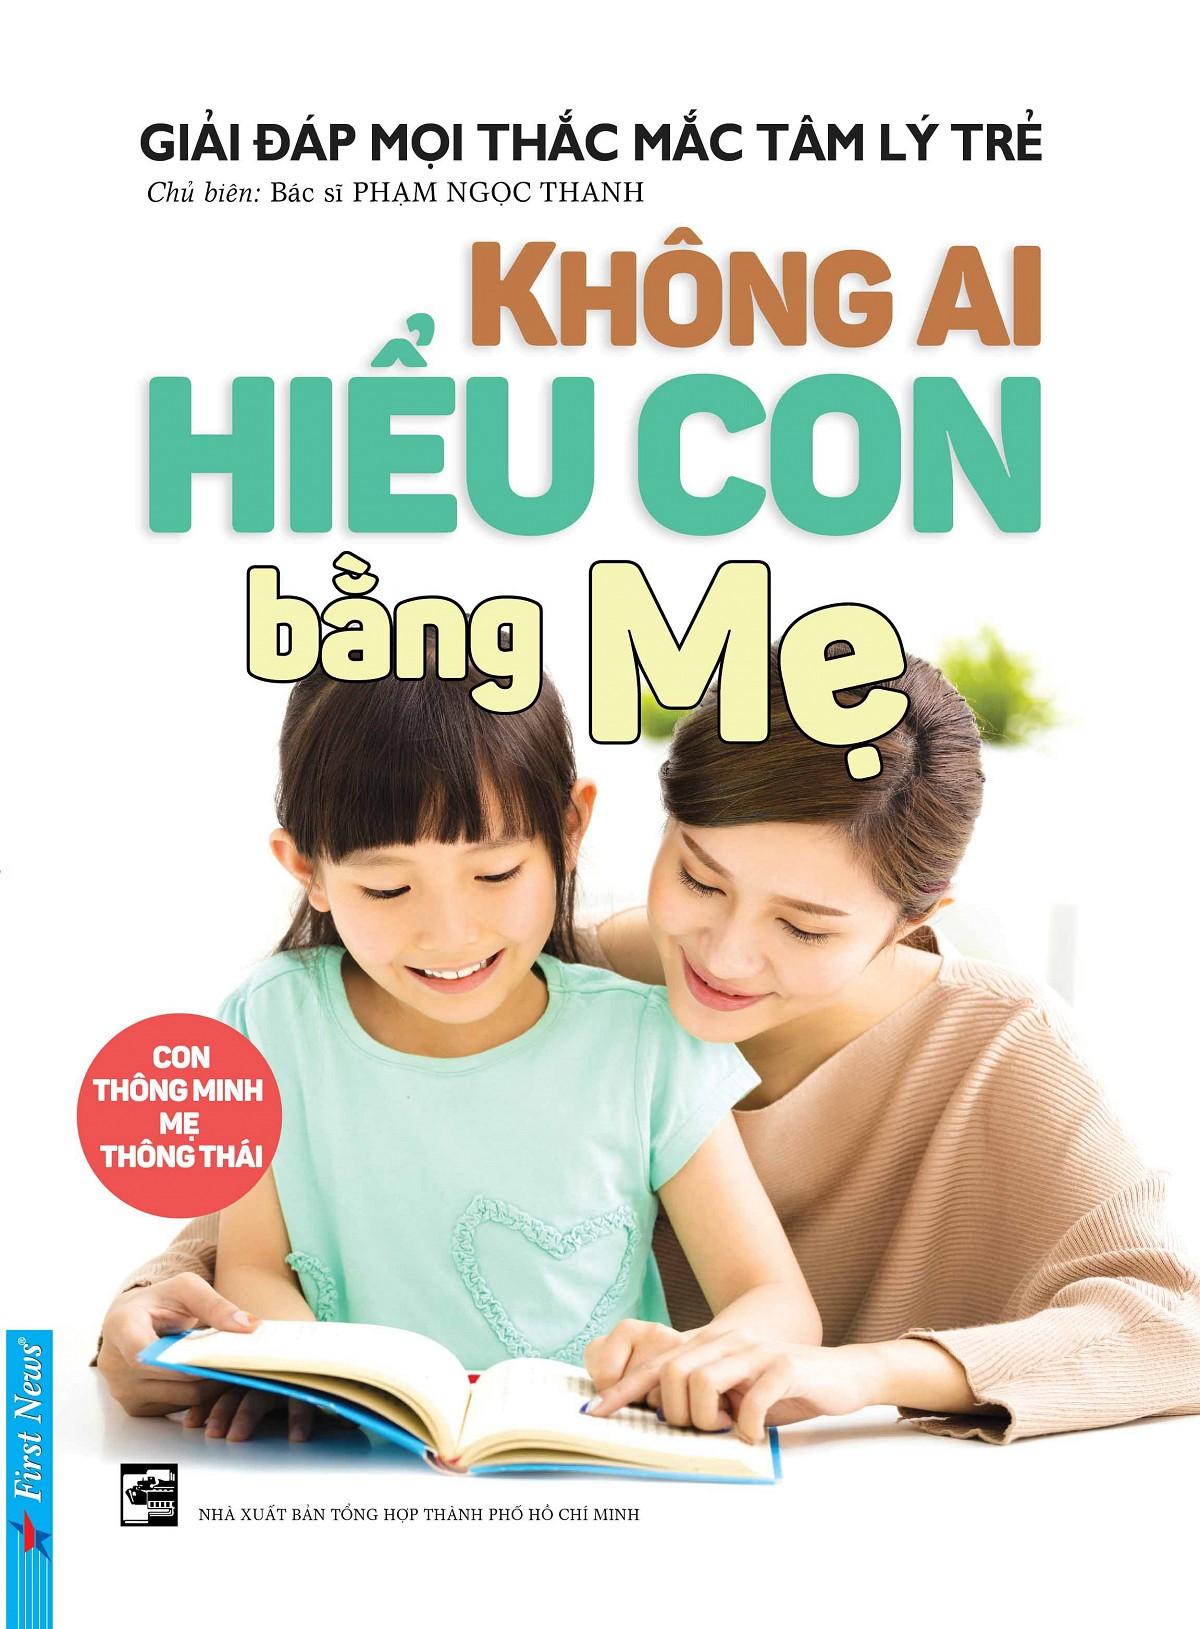 giai-dap-tam-ly-tre-khongaiheuconbangme-1.u5131.d20170328.t144316.722507.jpg